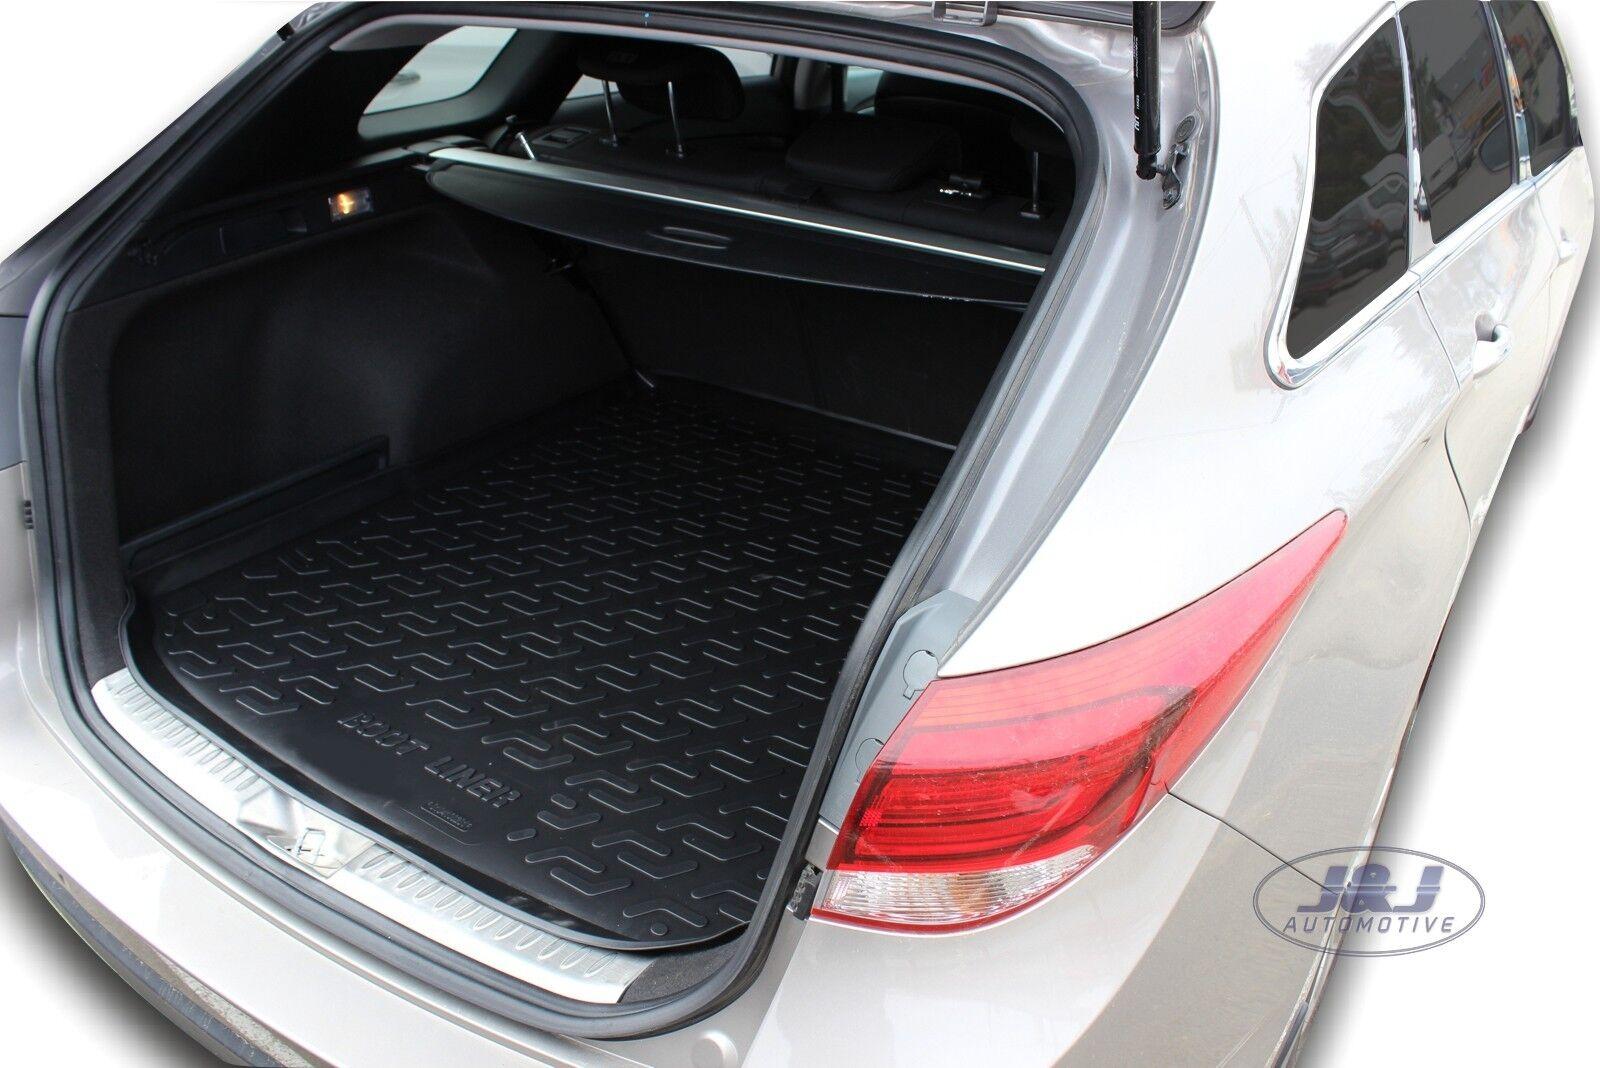 Premium Rubber Boot Mat Compatible with Peugeot 508 SW 2011-2018 J/&J AUTOMOTIVE